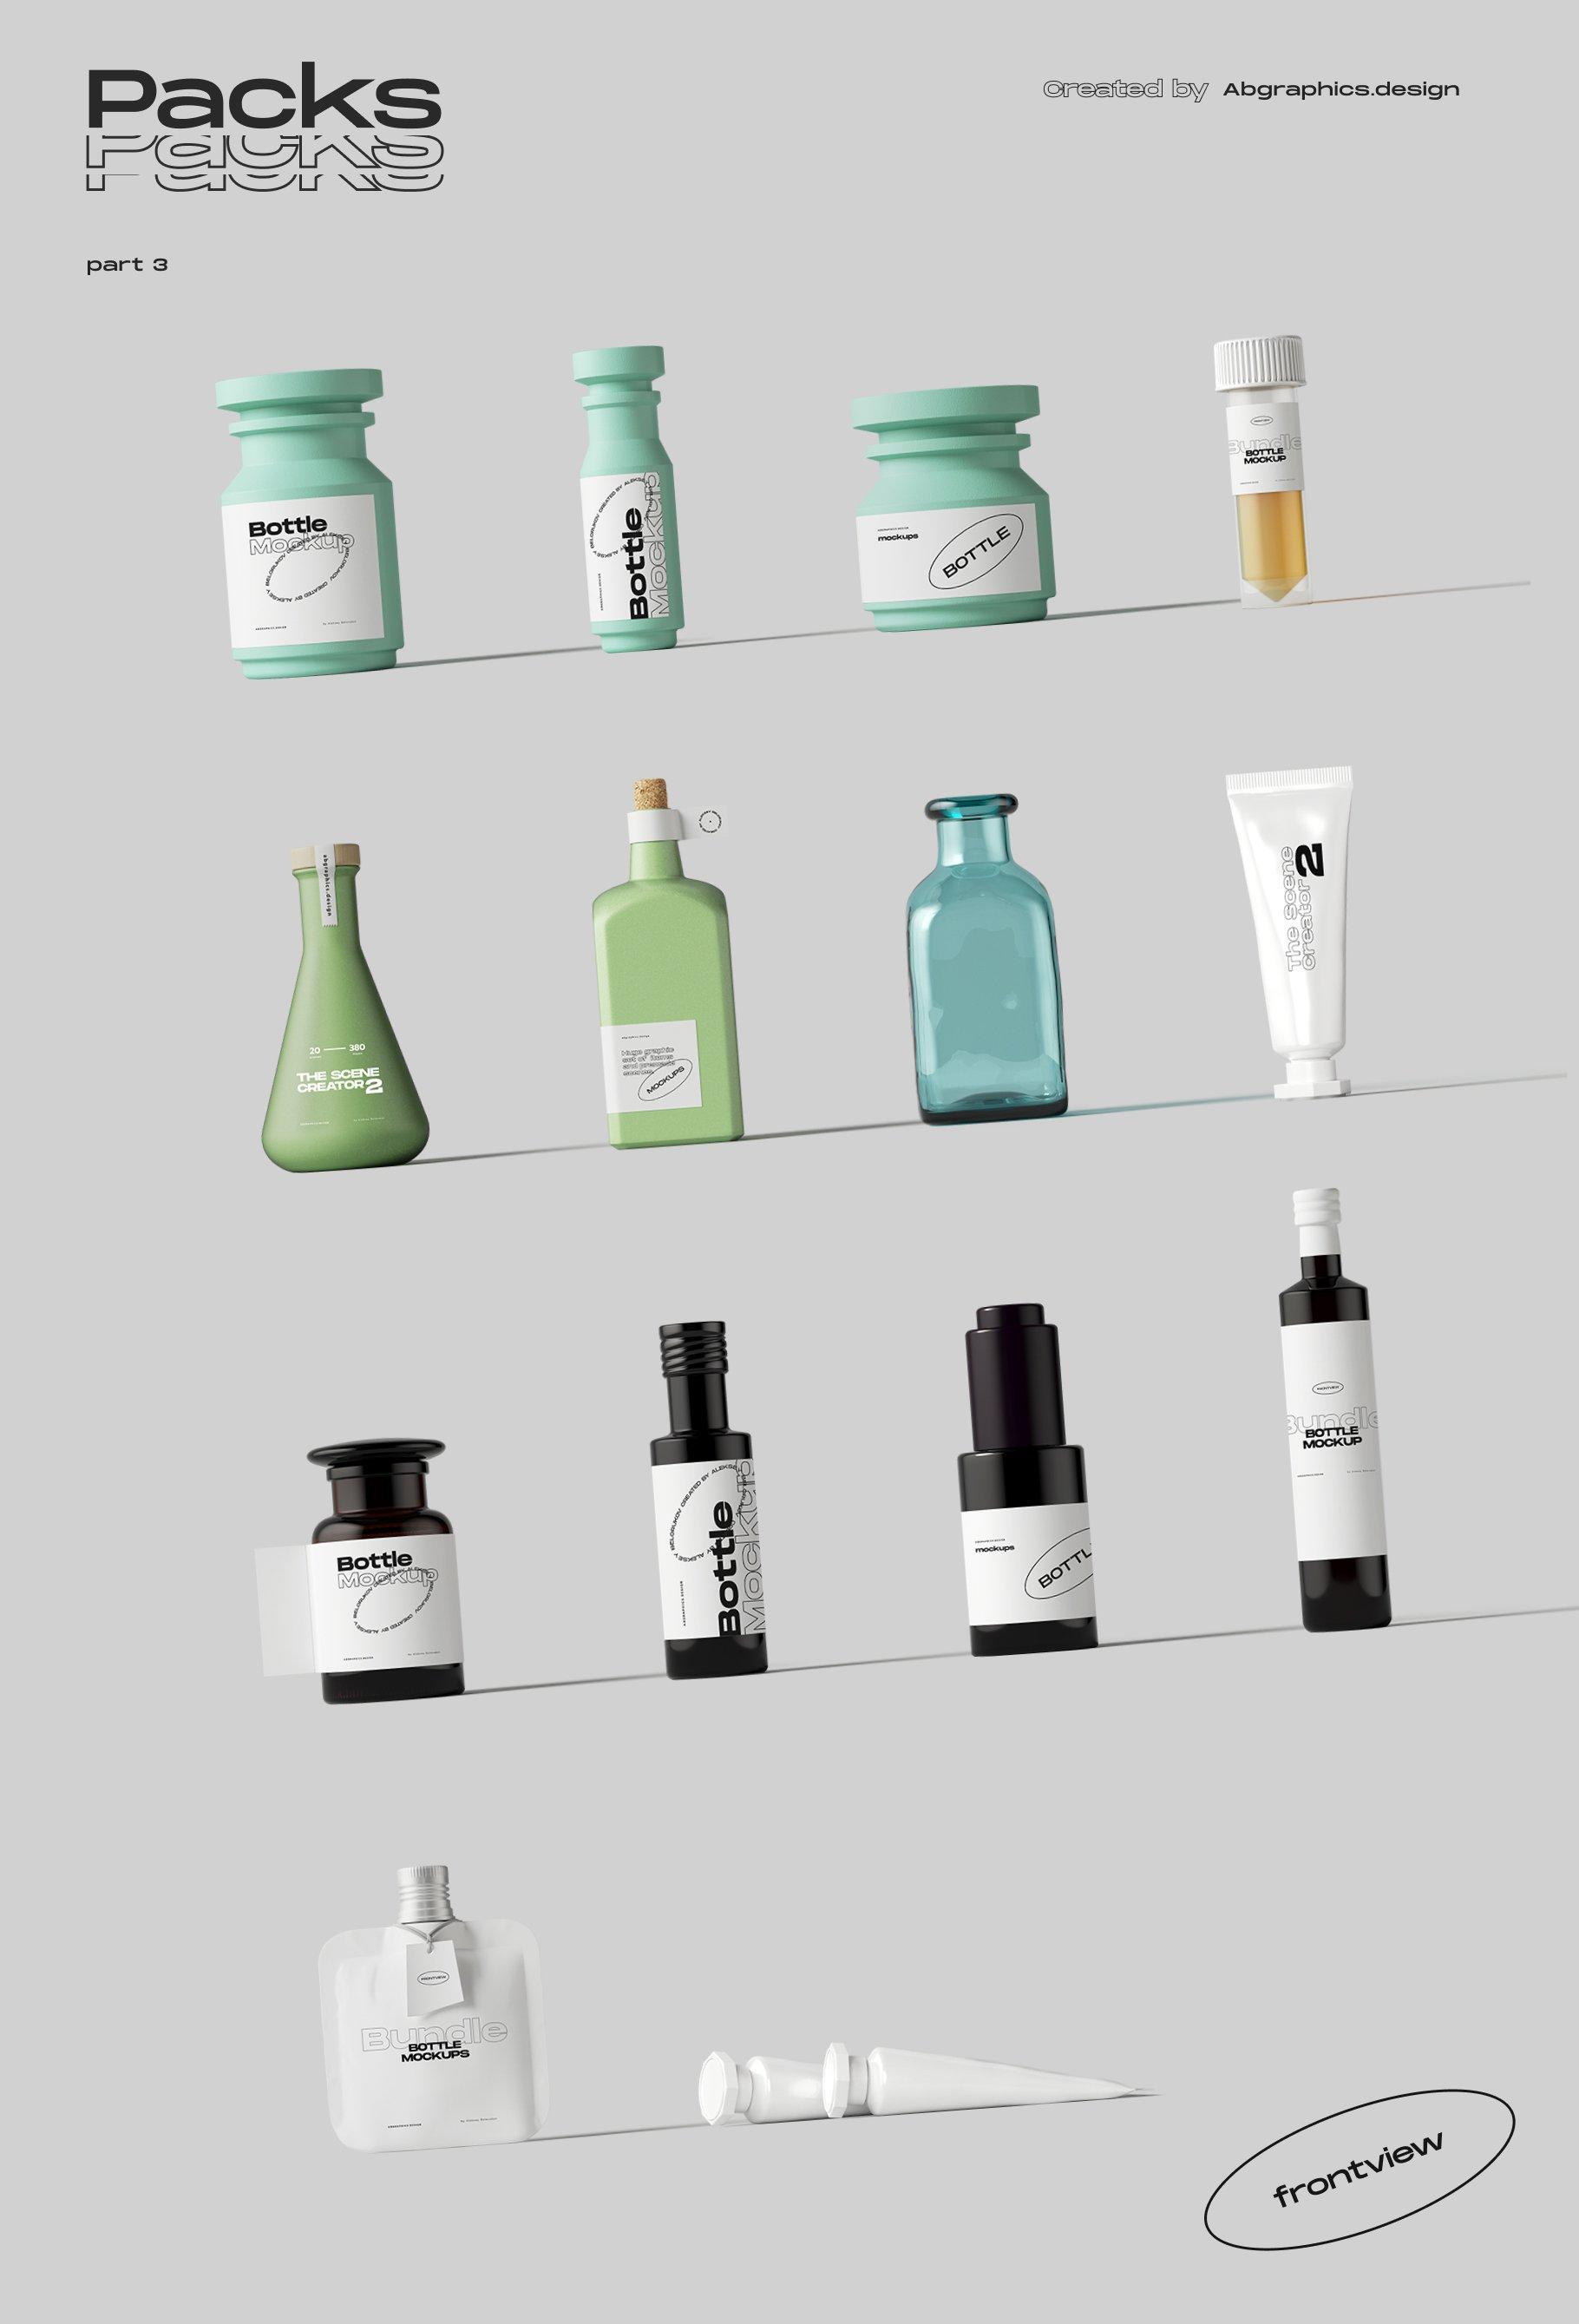 [淘宝购买] 超大品牌VI包装设计PS智能贴图样机模板素材 The Scene Creator 2 / Frontview插图(29)